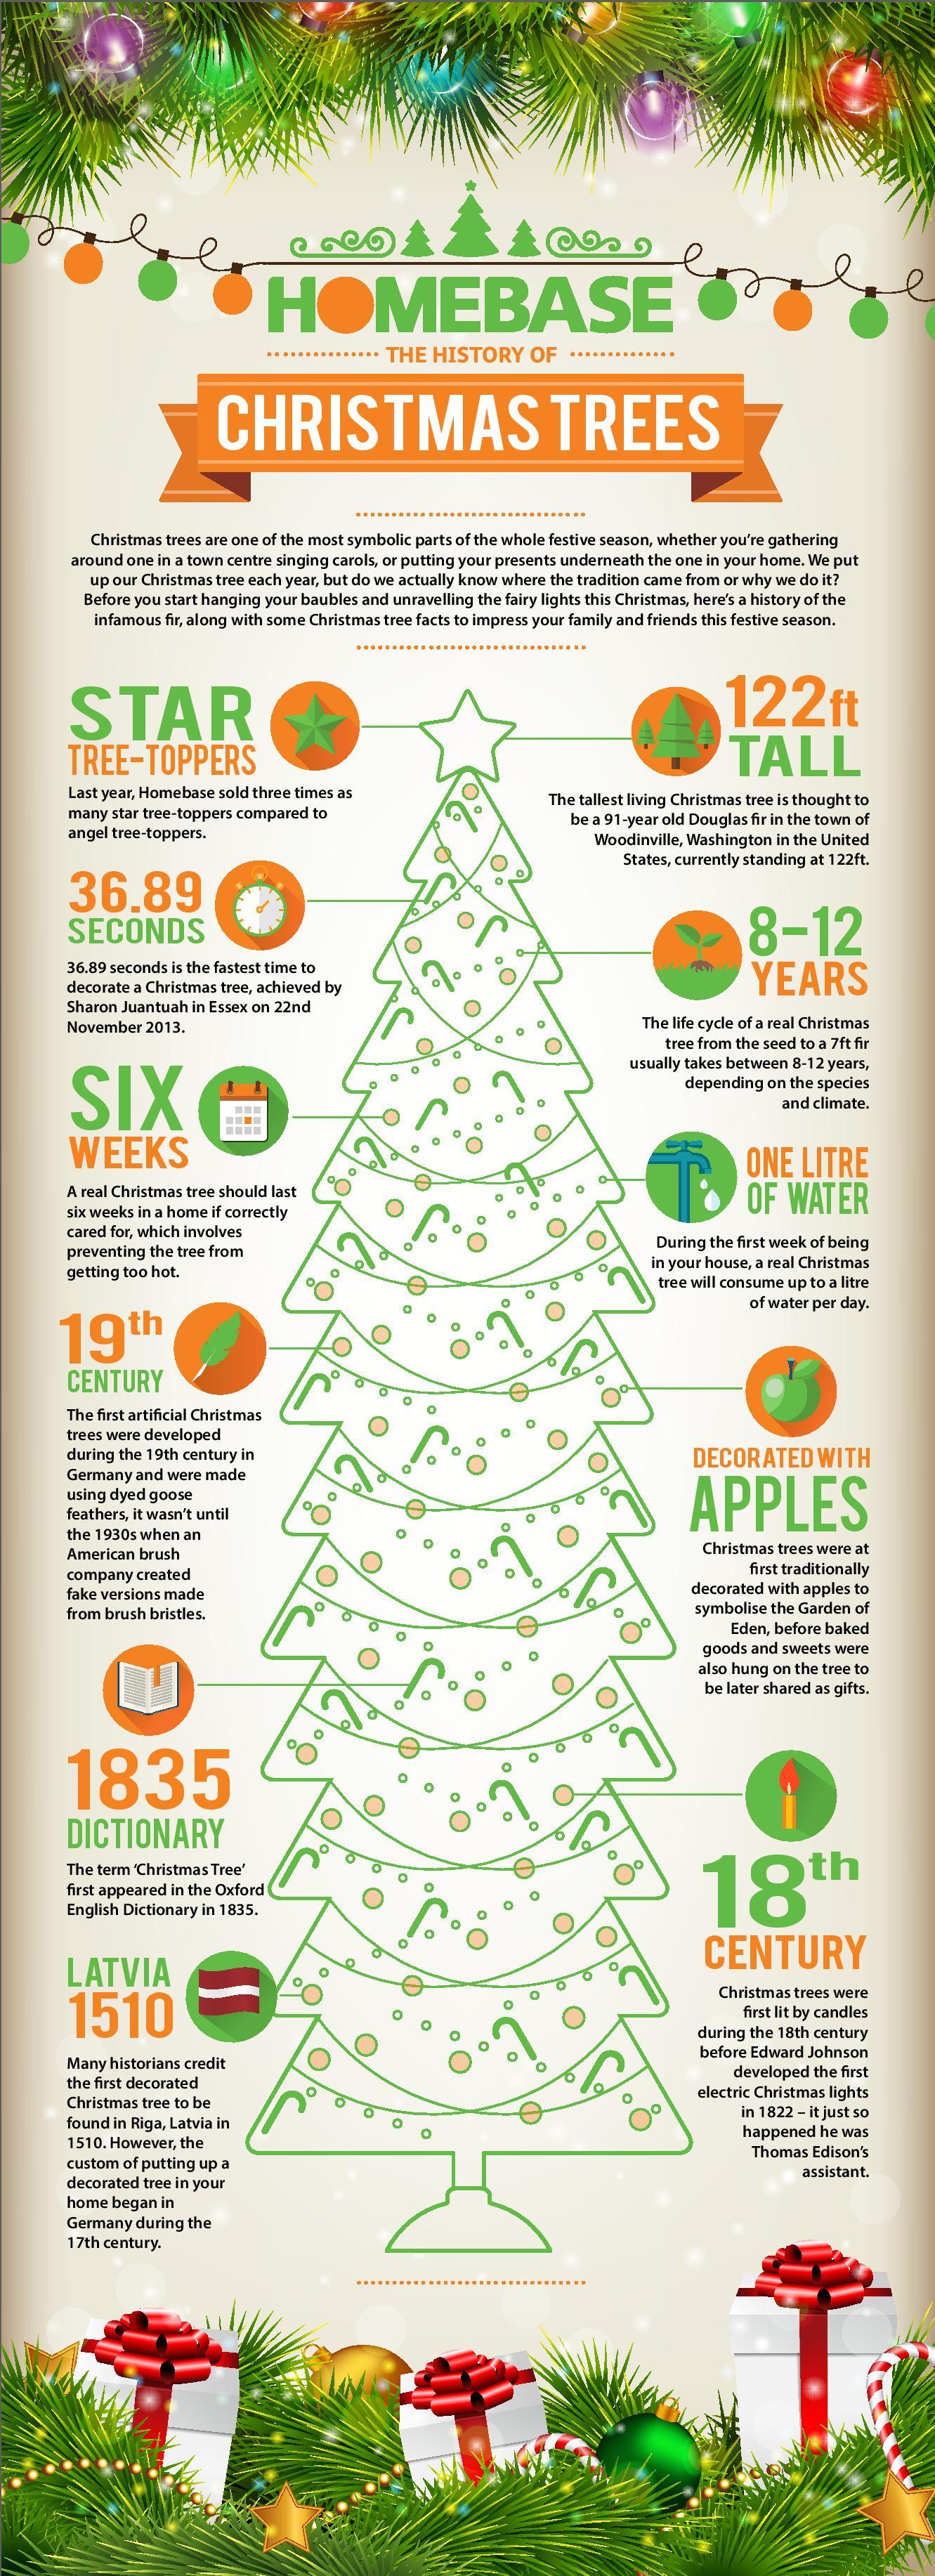 infografik die geschichte des weihnachtsbaumes. Black Bedroom Furniture Sets. Home Design Ideas